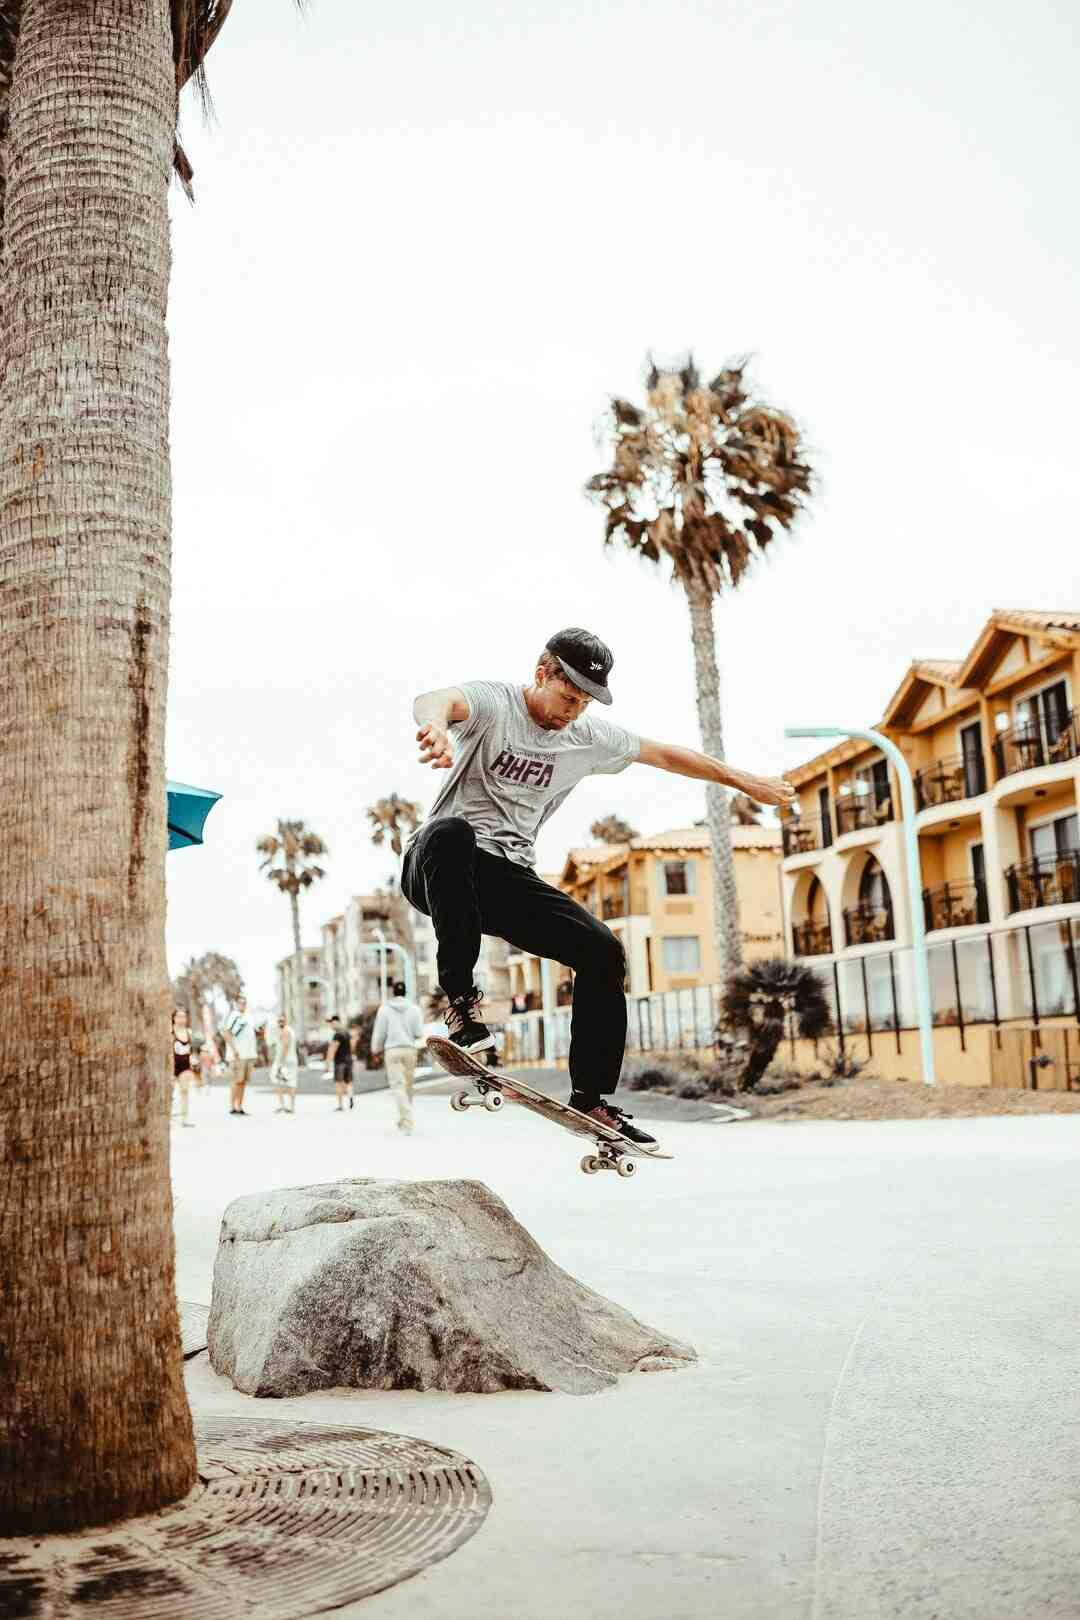 Comment savoir le sens d'un skate ?